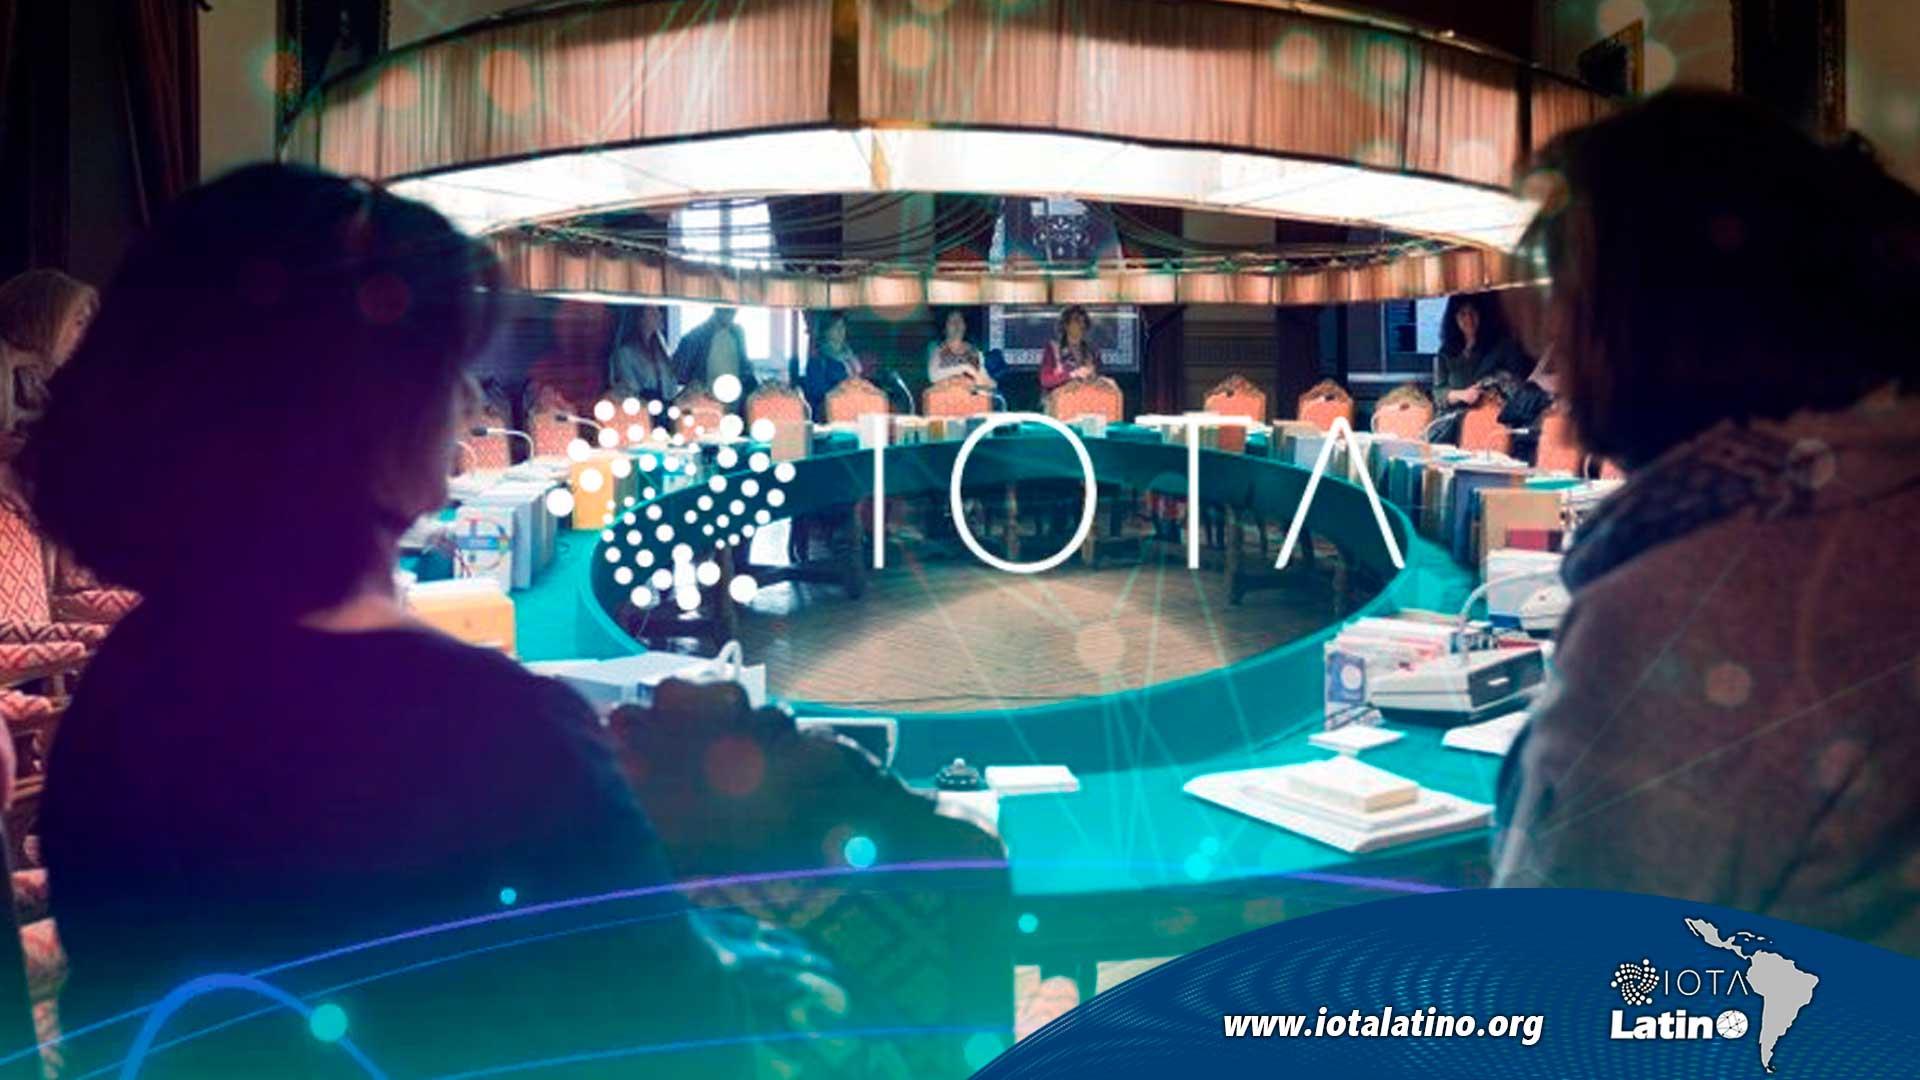 Academia de IOTA - IOTA Latino